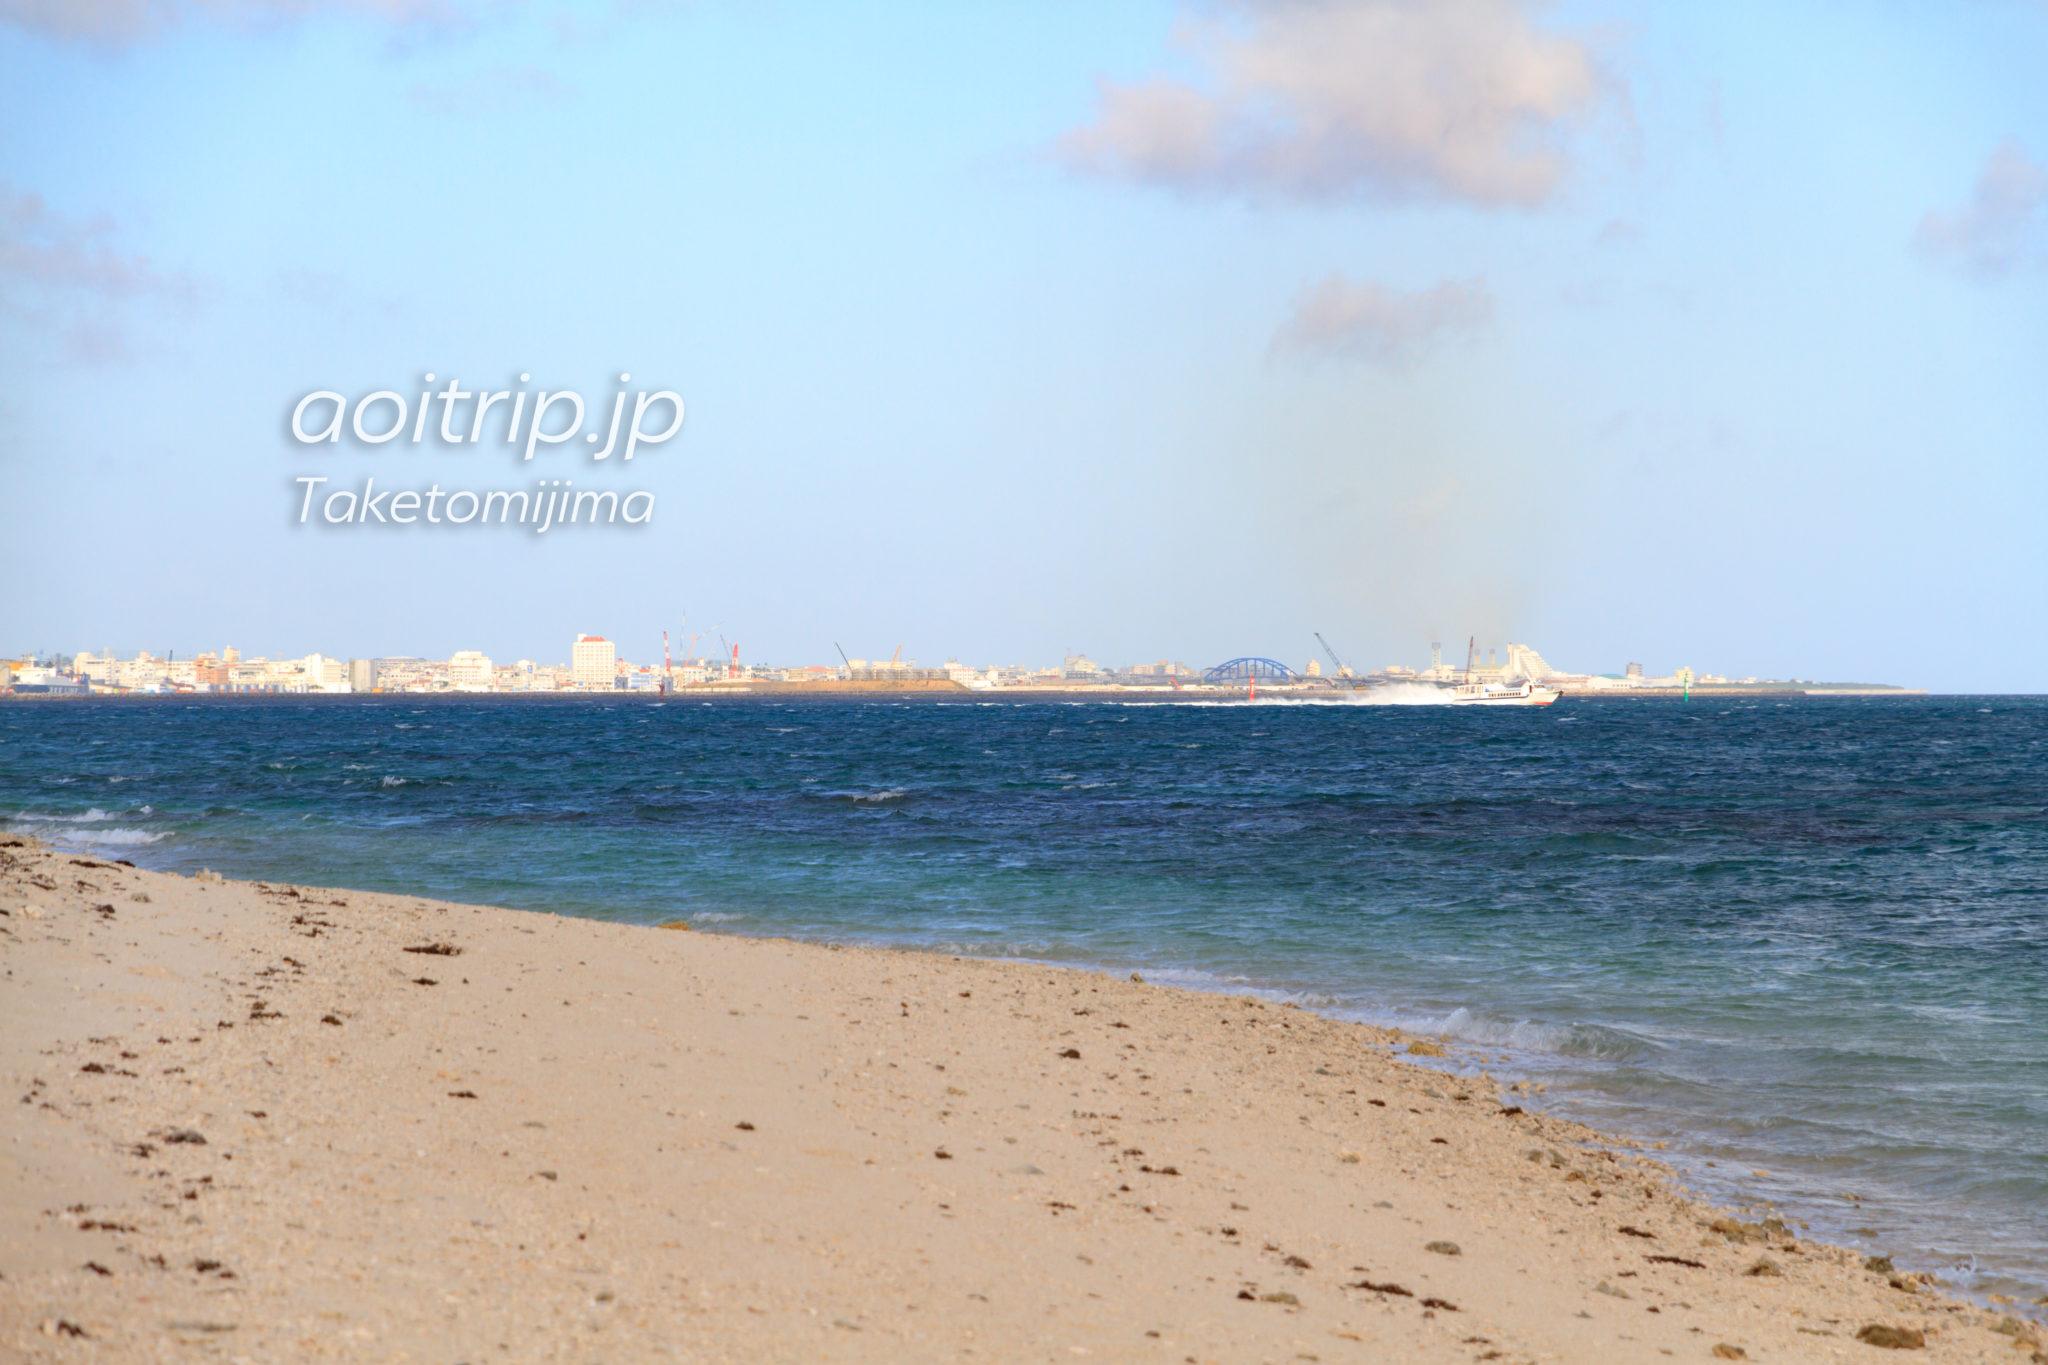 竹富島のアイヤル浜から石垣島を望む